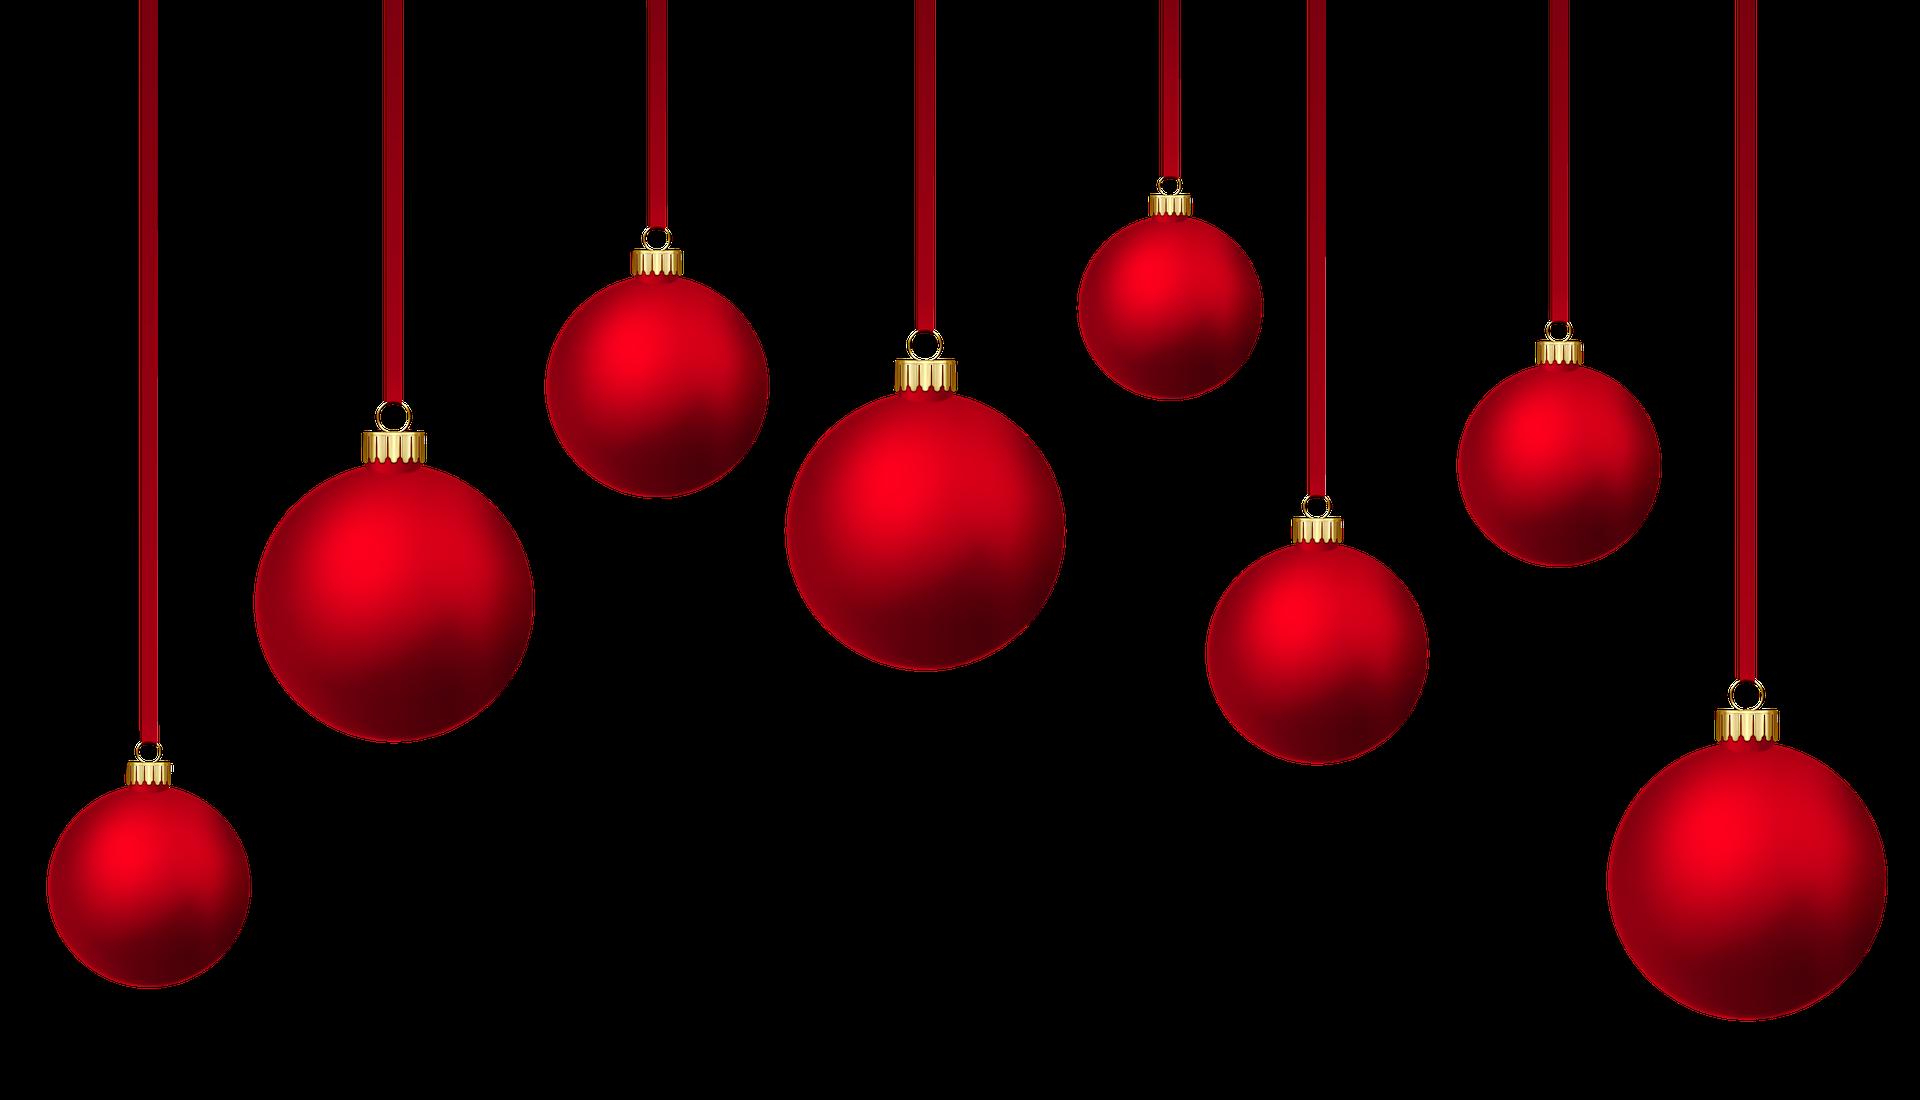 christbaumkugeln weihnachtsgedicht mit tipps eine. Black Bedroom Furniture Sets. Home Design Ideas